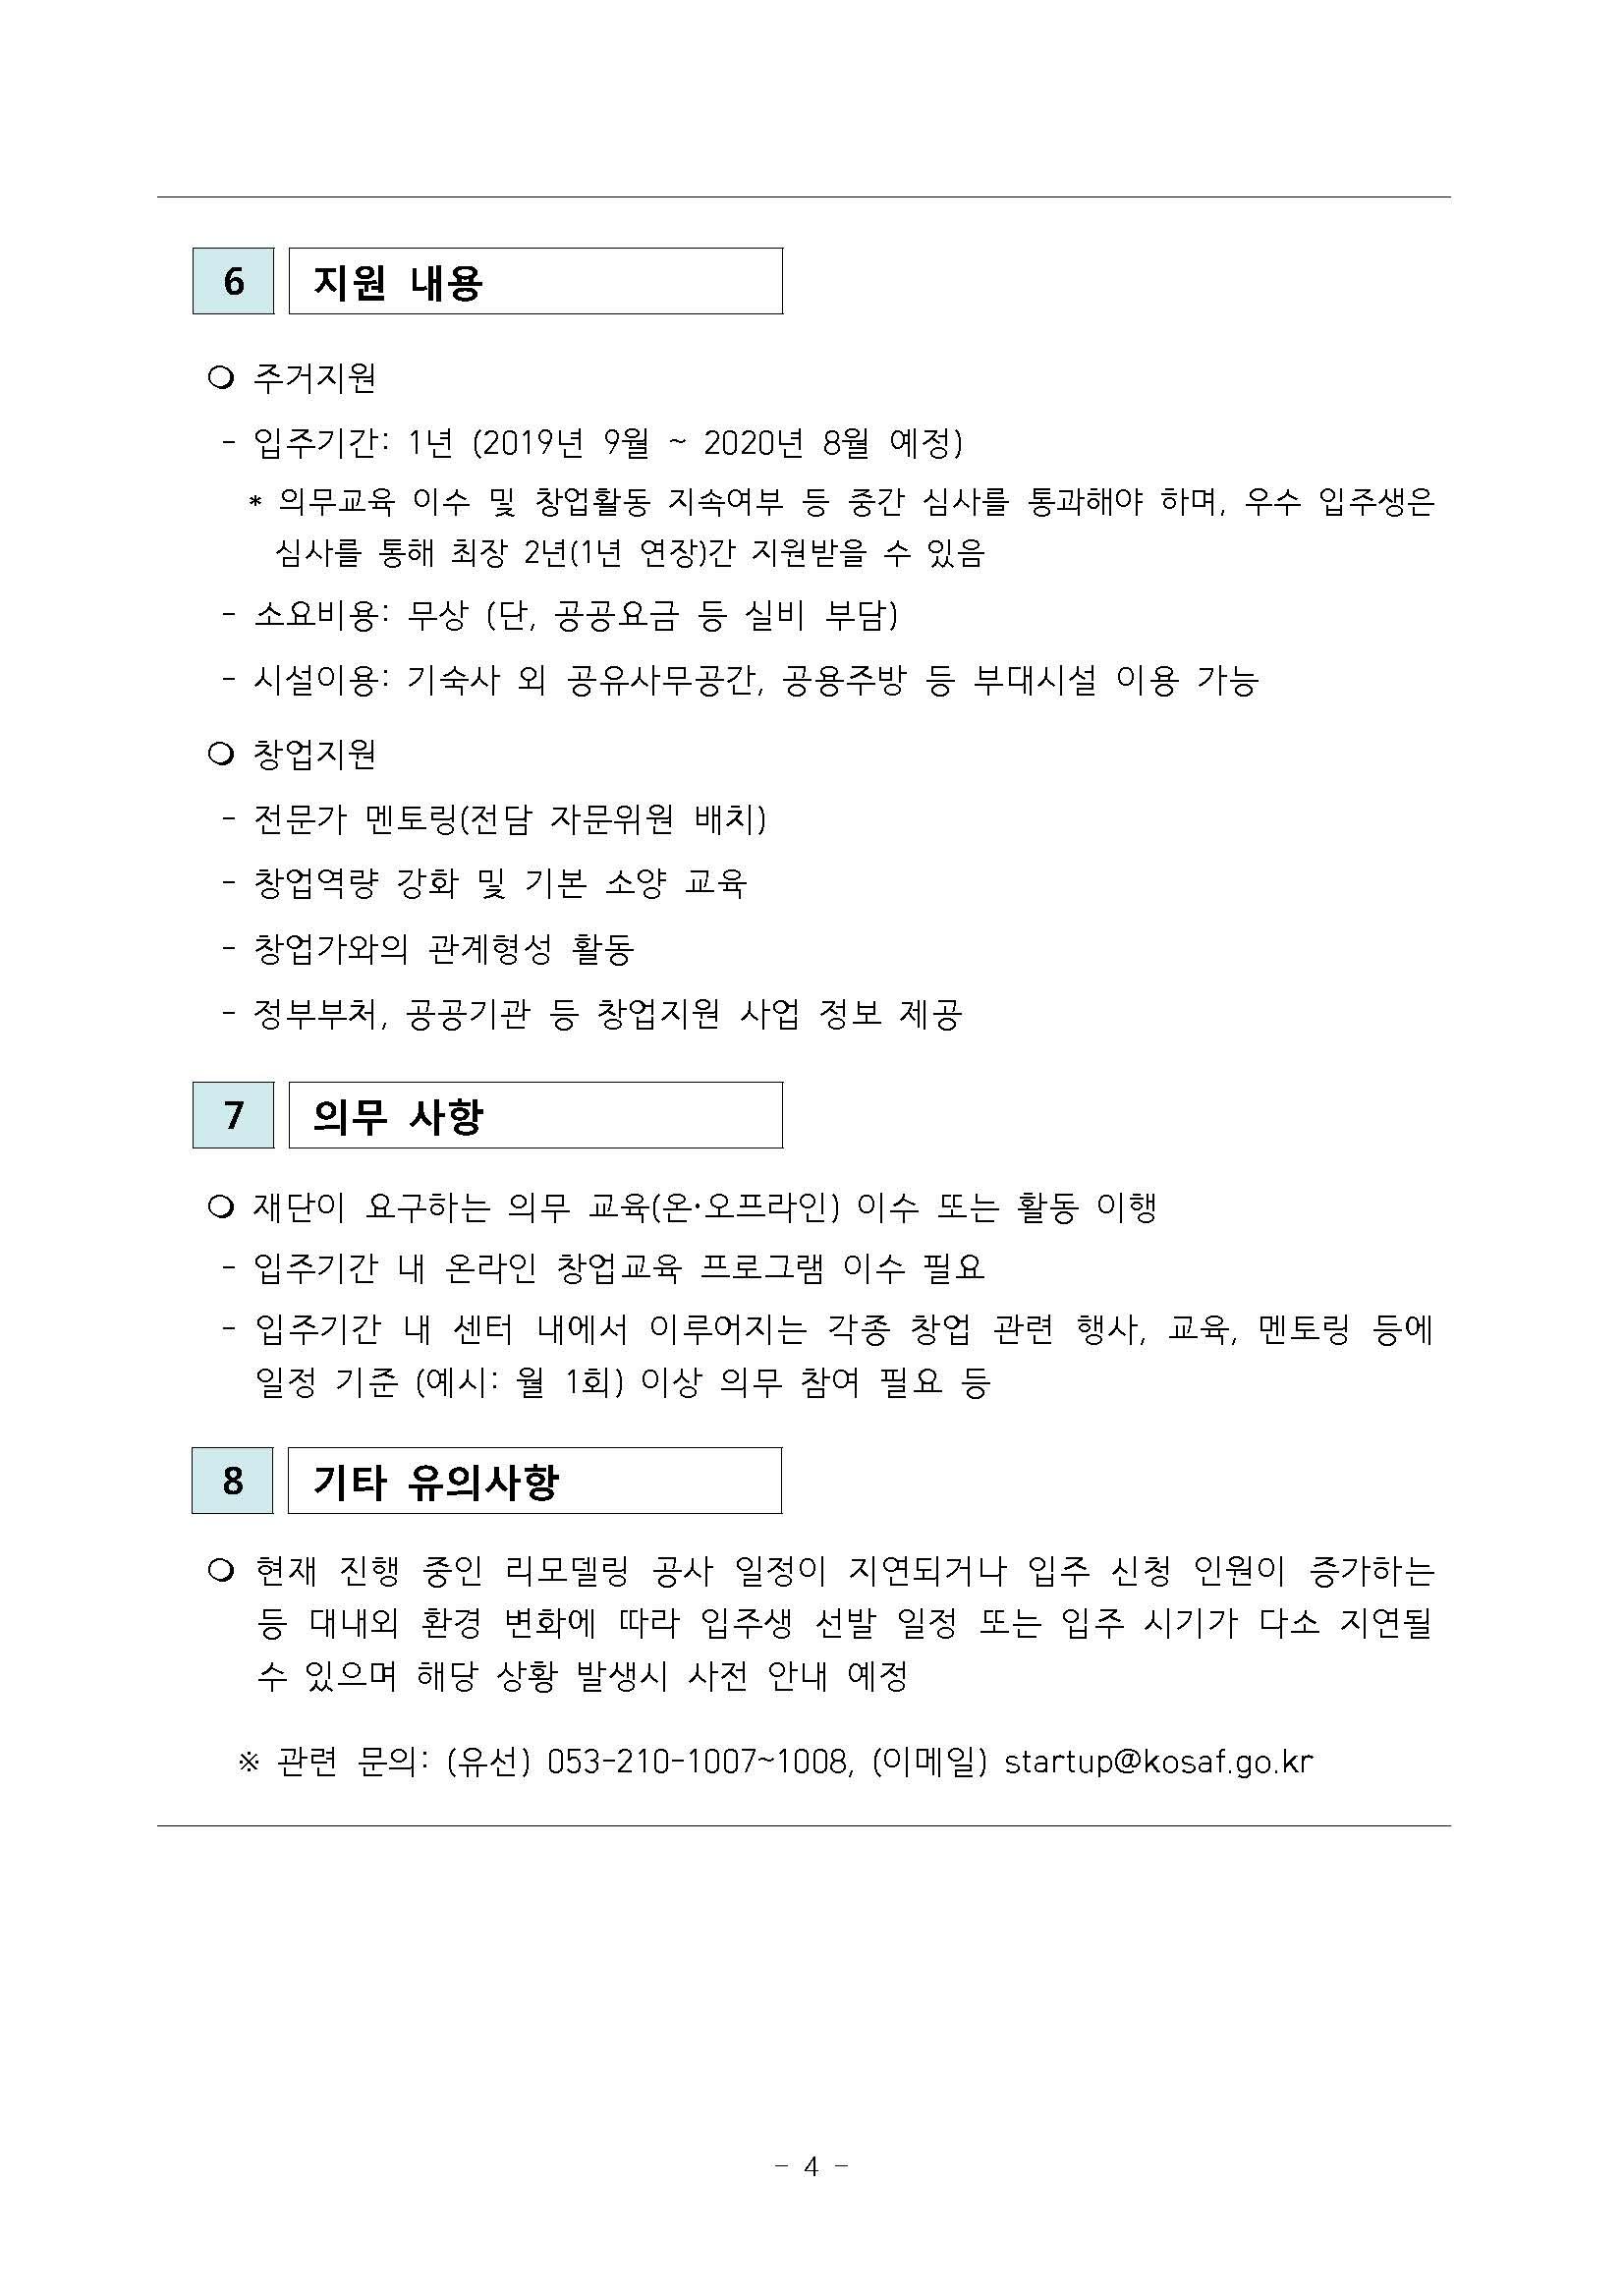 2019년 한국장학재단 창업지원형 기숙사 입주생 모집 공고_페이지_4